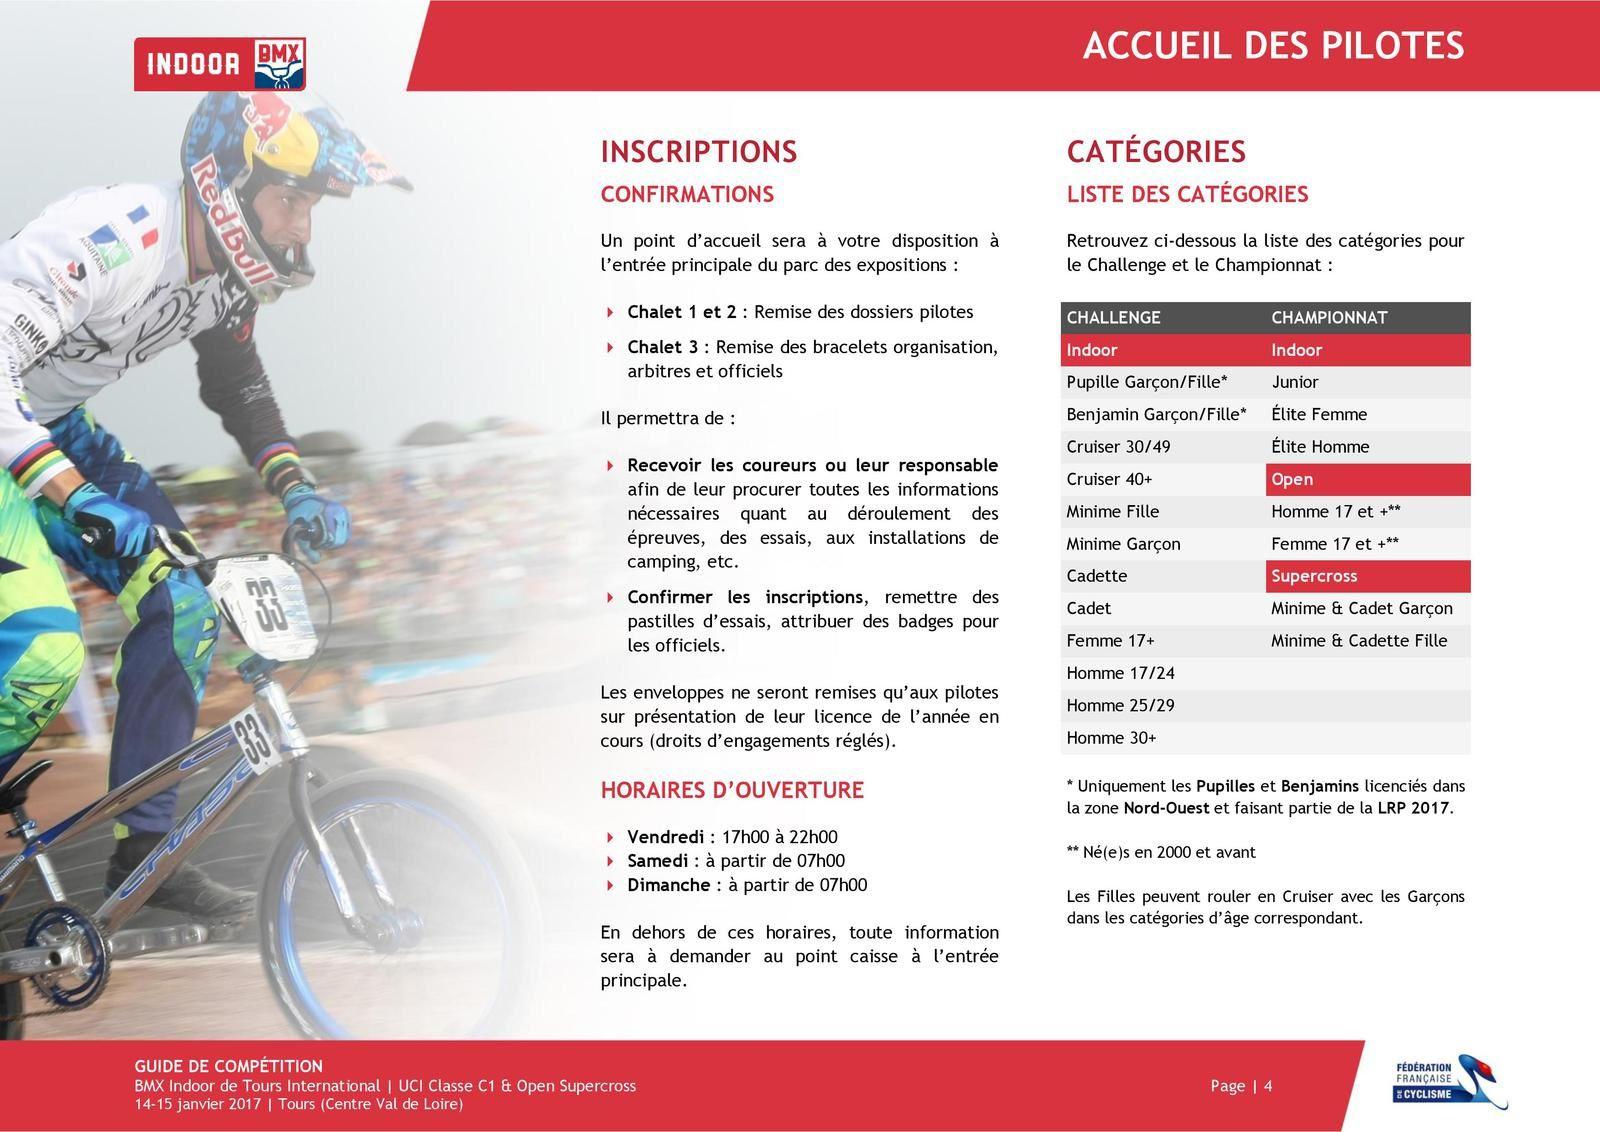 Le guide pour l'indoor de Tours 15 et 16 janvier